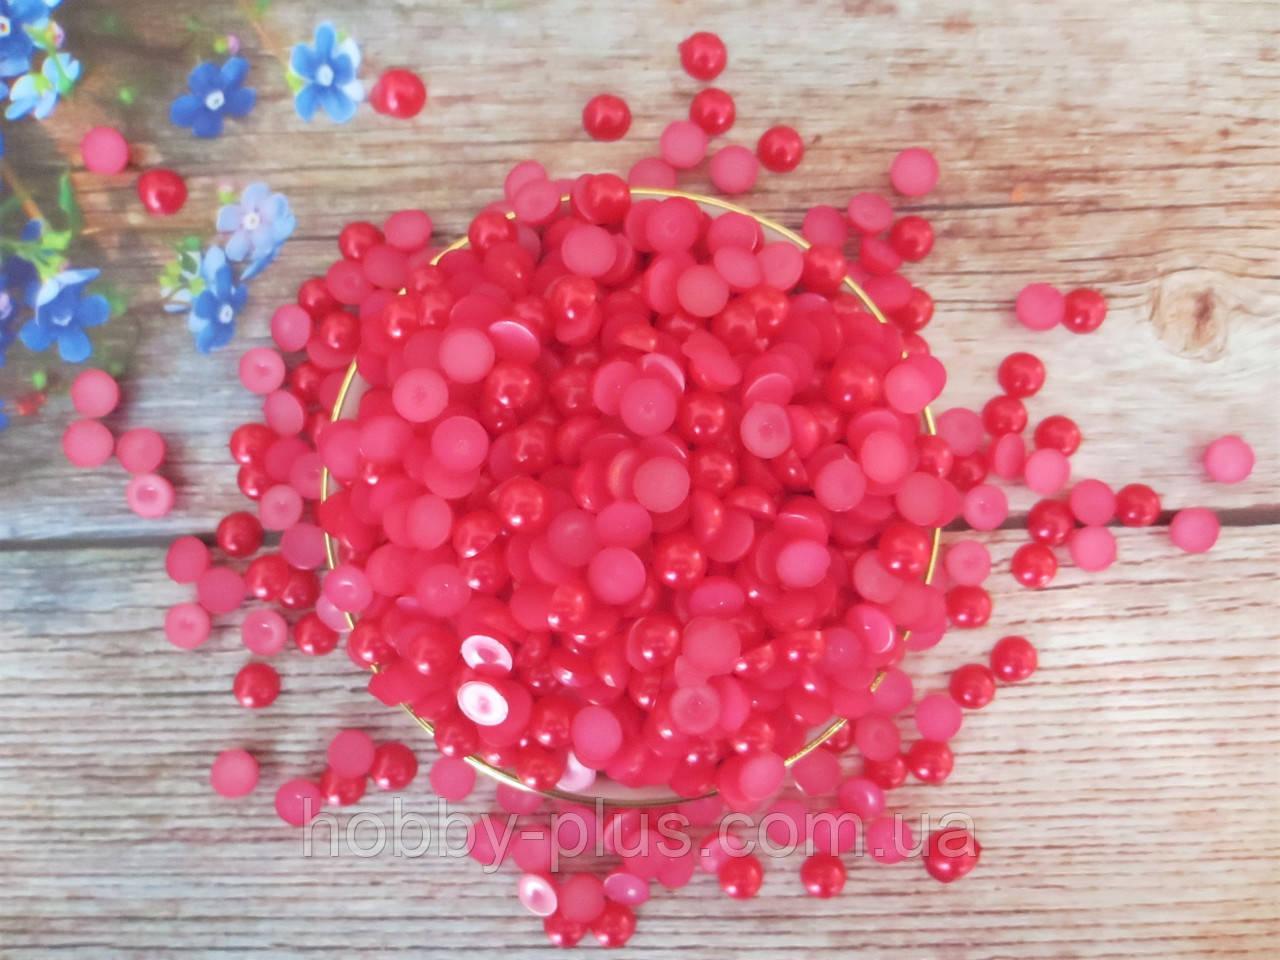 Полубусины перламутровые, 8 мм, цвет красный, 5 грамм (37-39 шт).